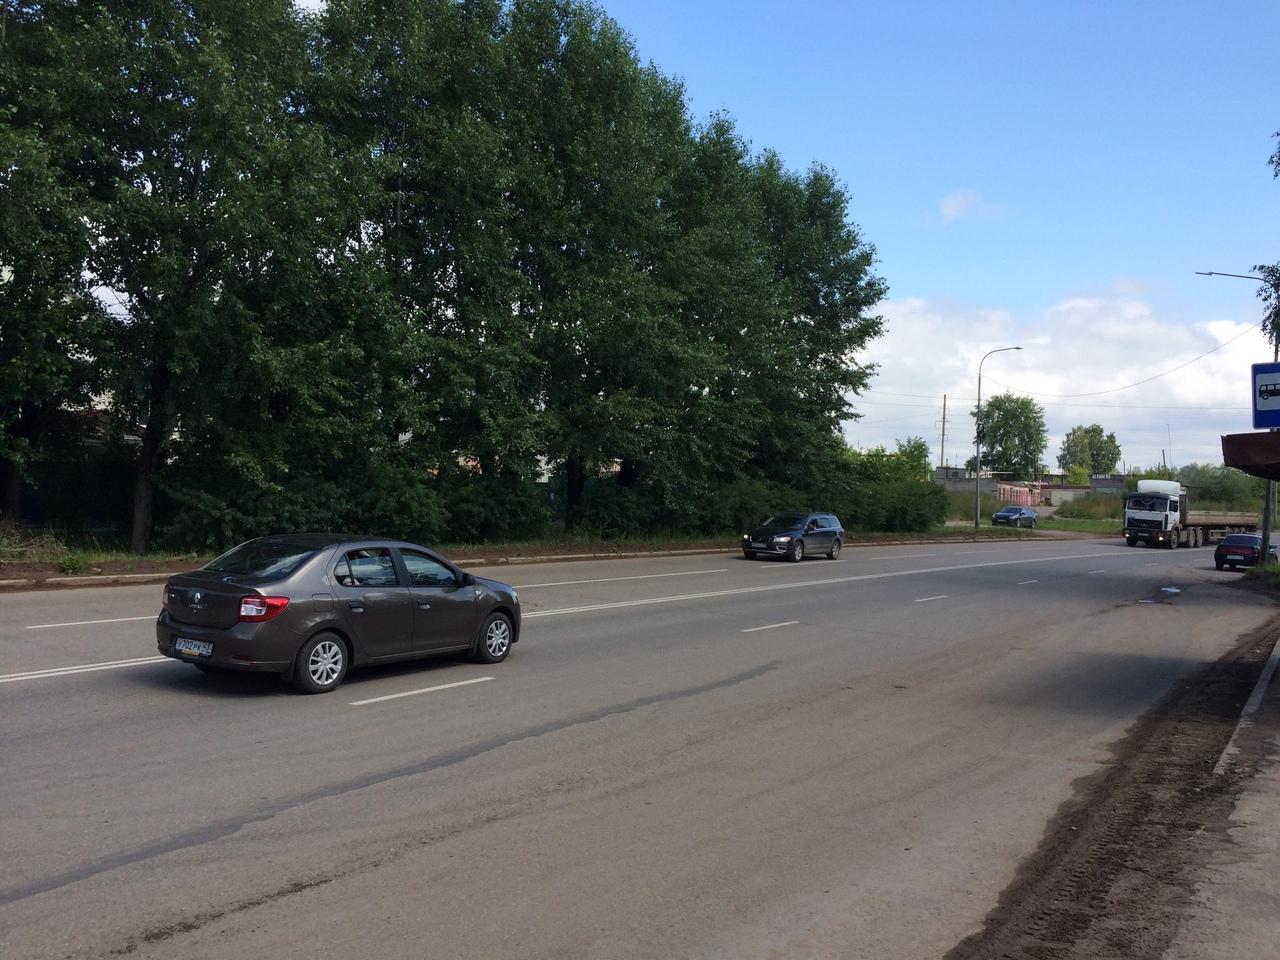 Новую разметку на дорогах Кирово-Чепецка обещали скорректировать